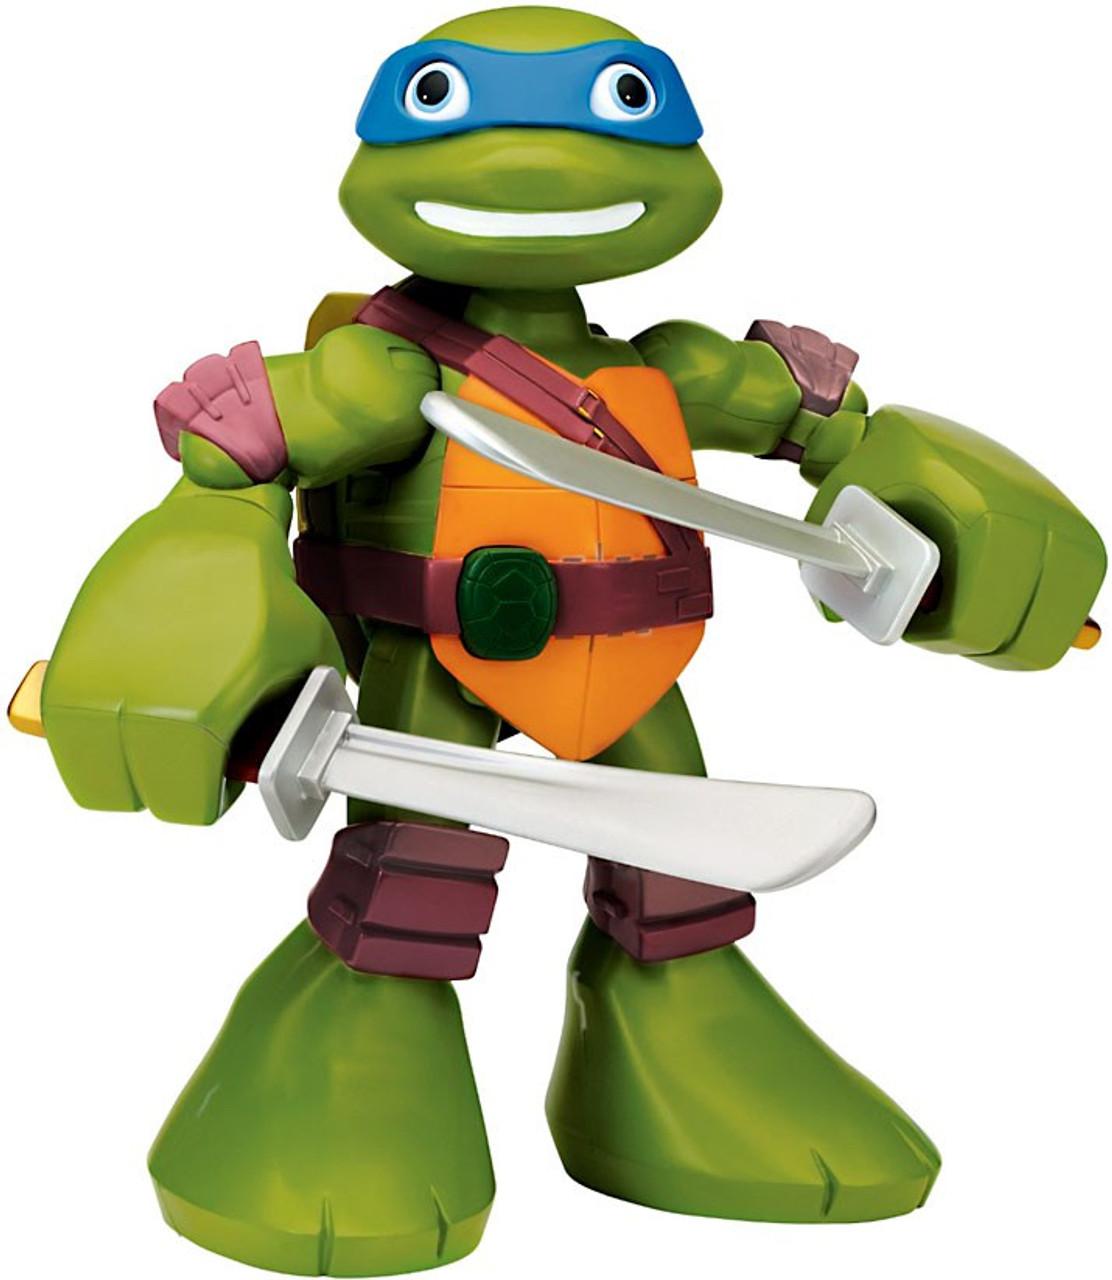 Teenage Mutant Ninja Turtles Half Shell Heroes Leonardo Deluxe Action Figure [Mega Mutant]